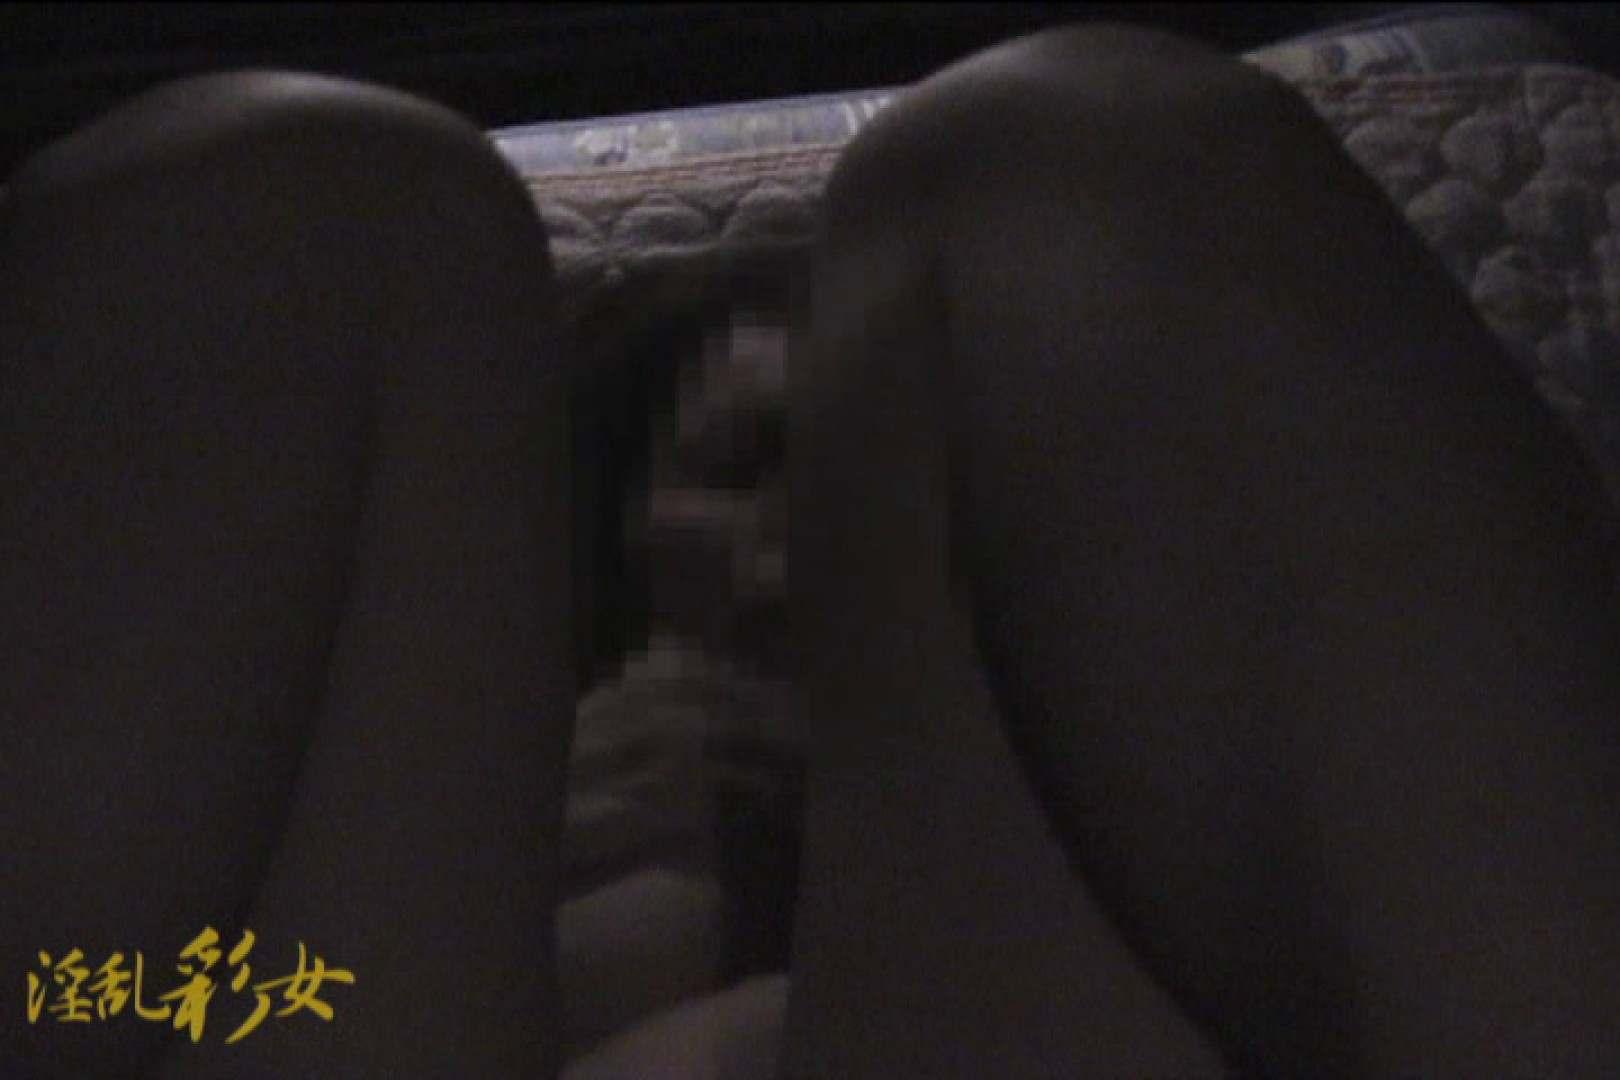 淫乱彩女 麻優里 オムニバスそして顔射 一般投稿  100pic 16